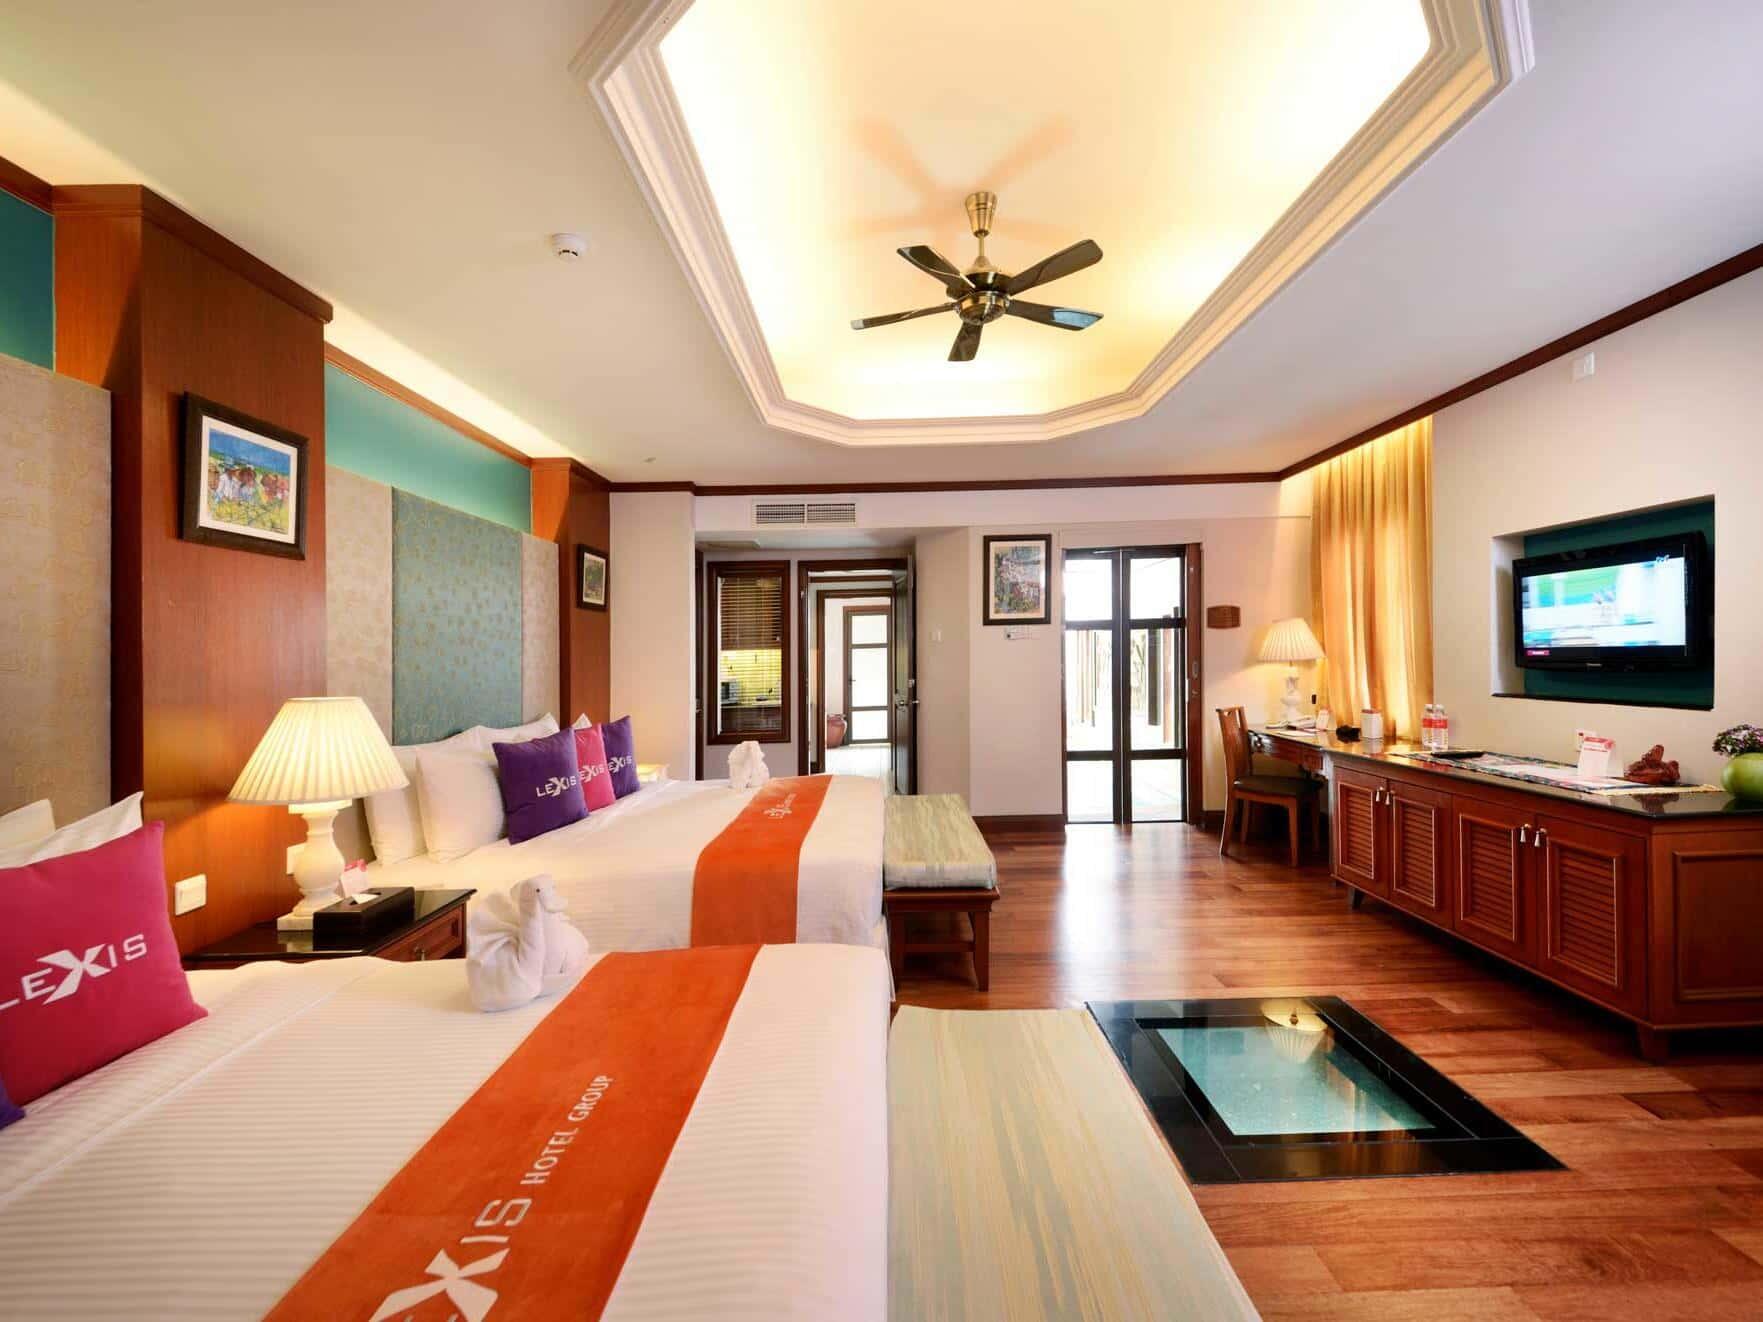 Executive Pool Villa Room View